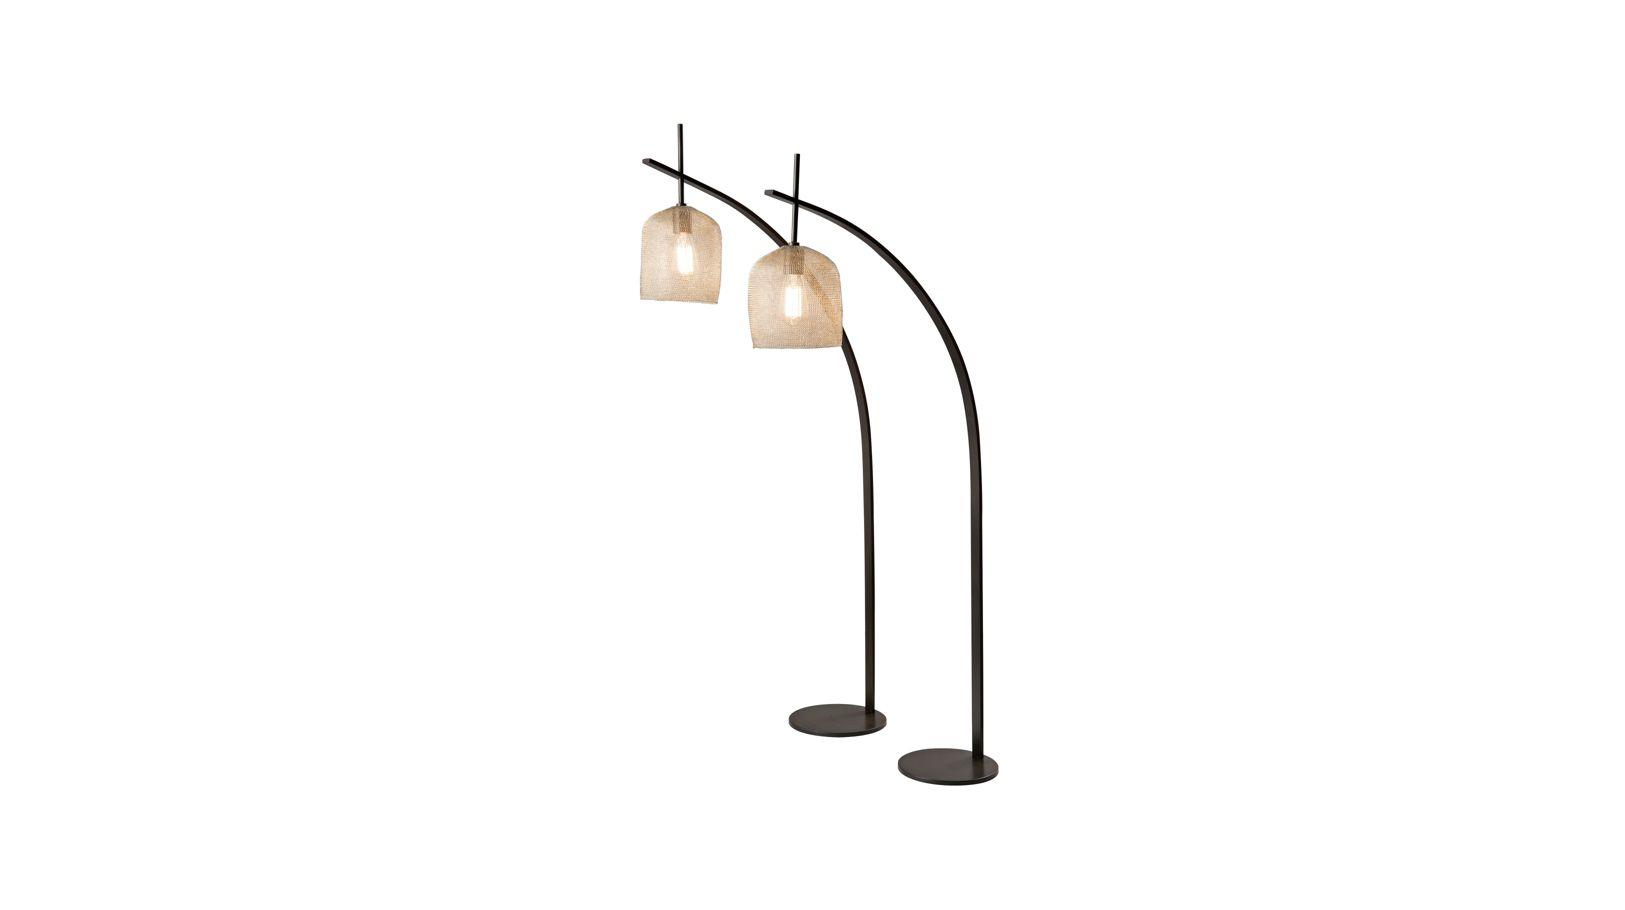 sanur floor lamp roche bobois. Black Bedroom Furniture Sets. Home Design Ideas